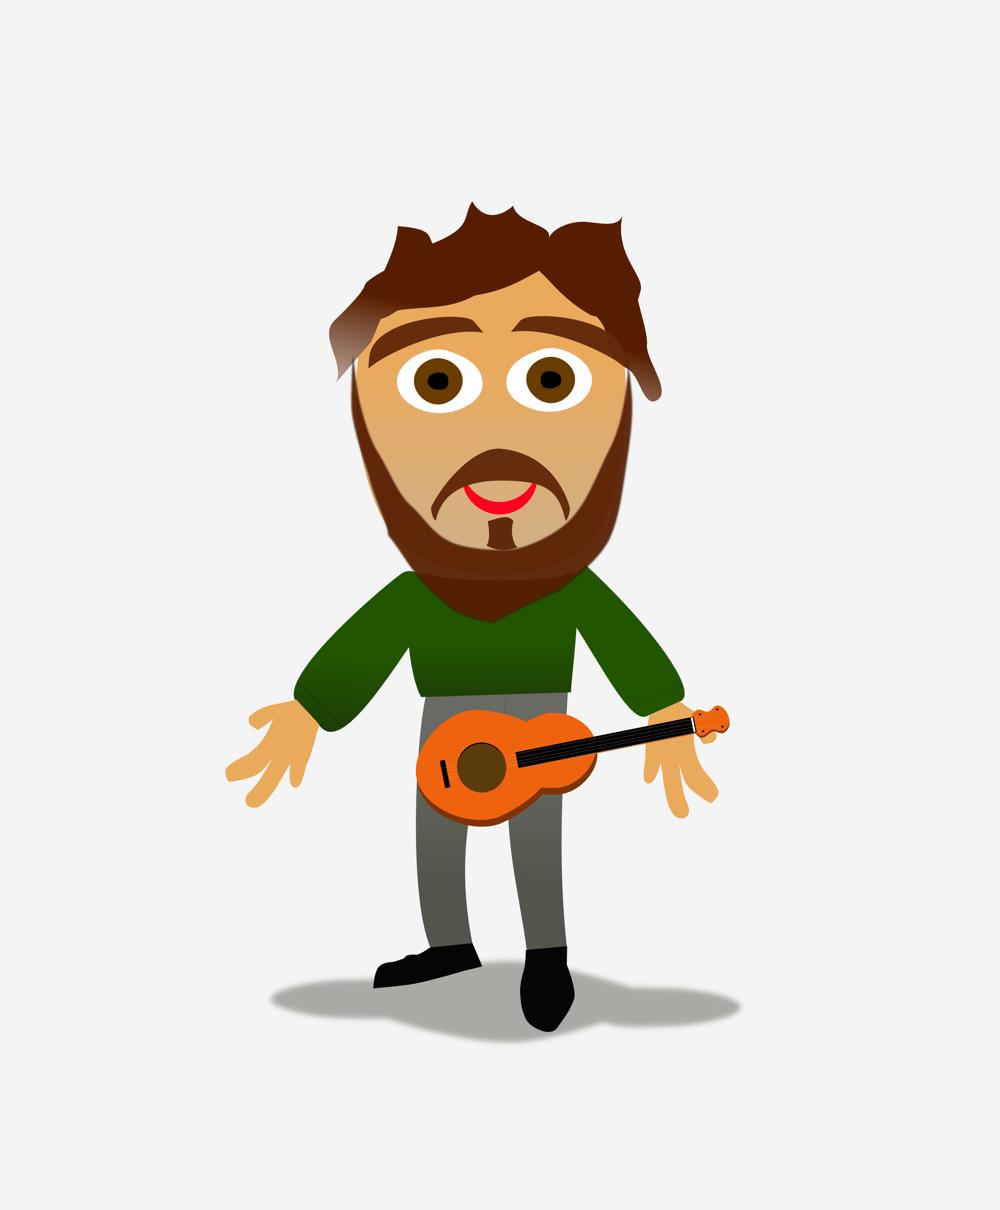 Me 'n' my ukulele - image 1 - student project